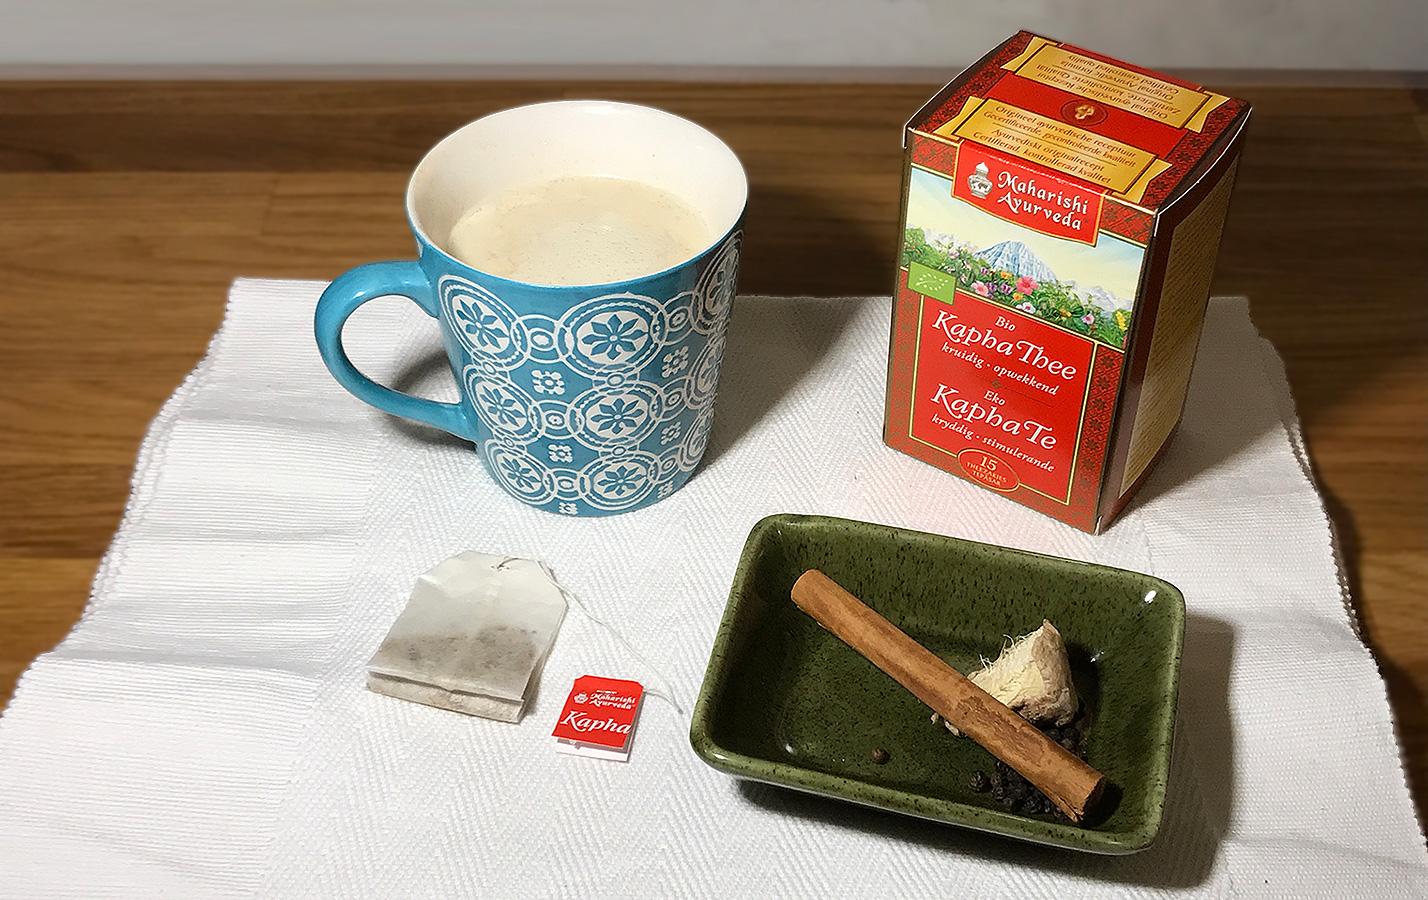 Kapha chai te är uppiggande